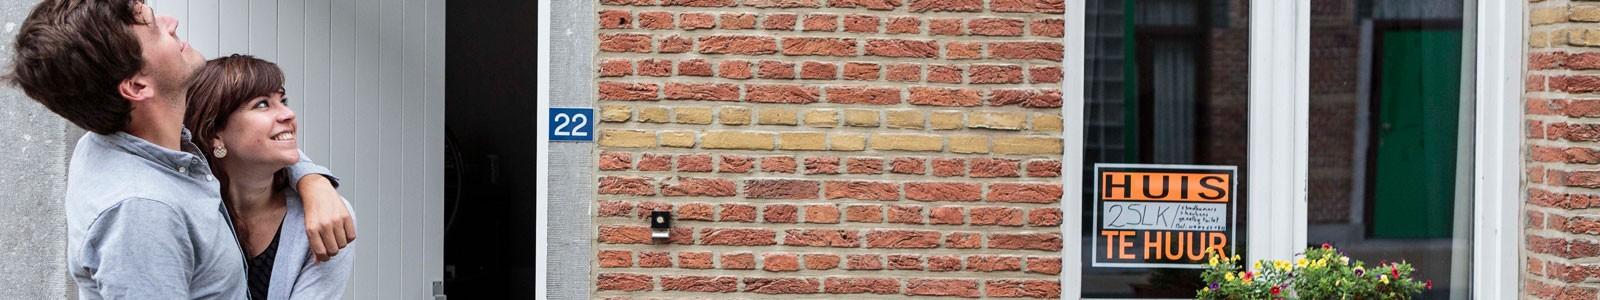 Problemen met de huurwoning | Vlaanderen.be